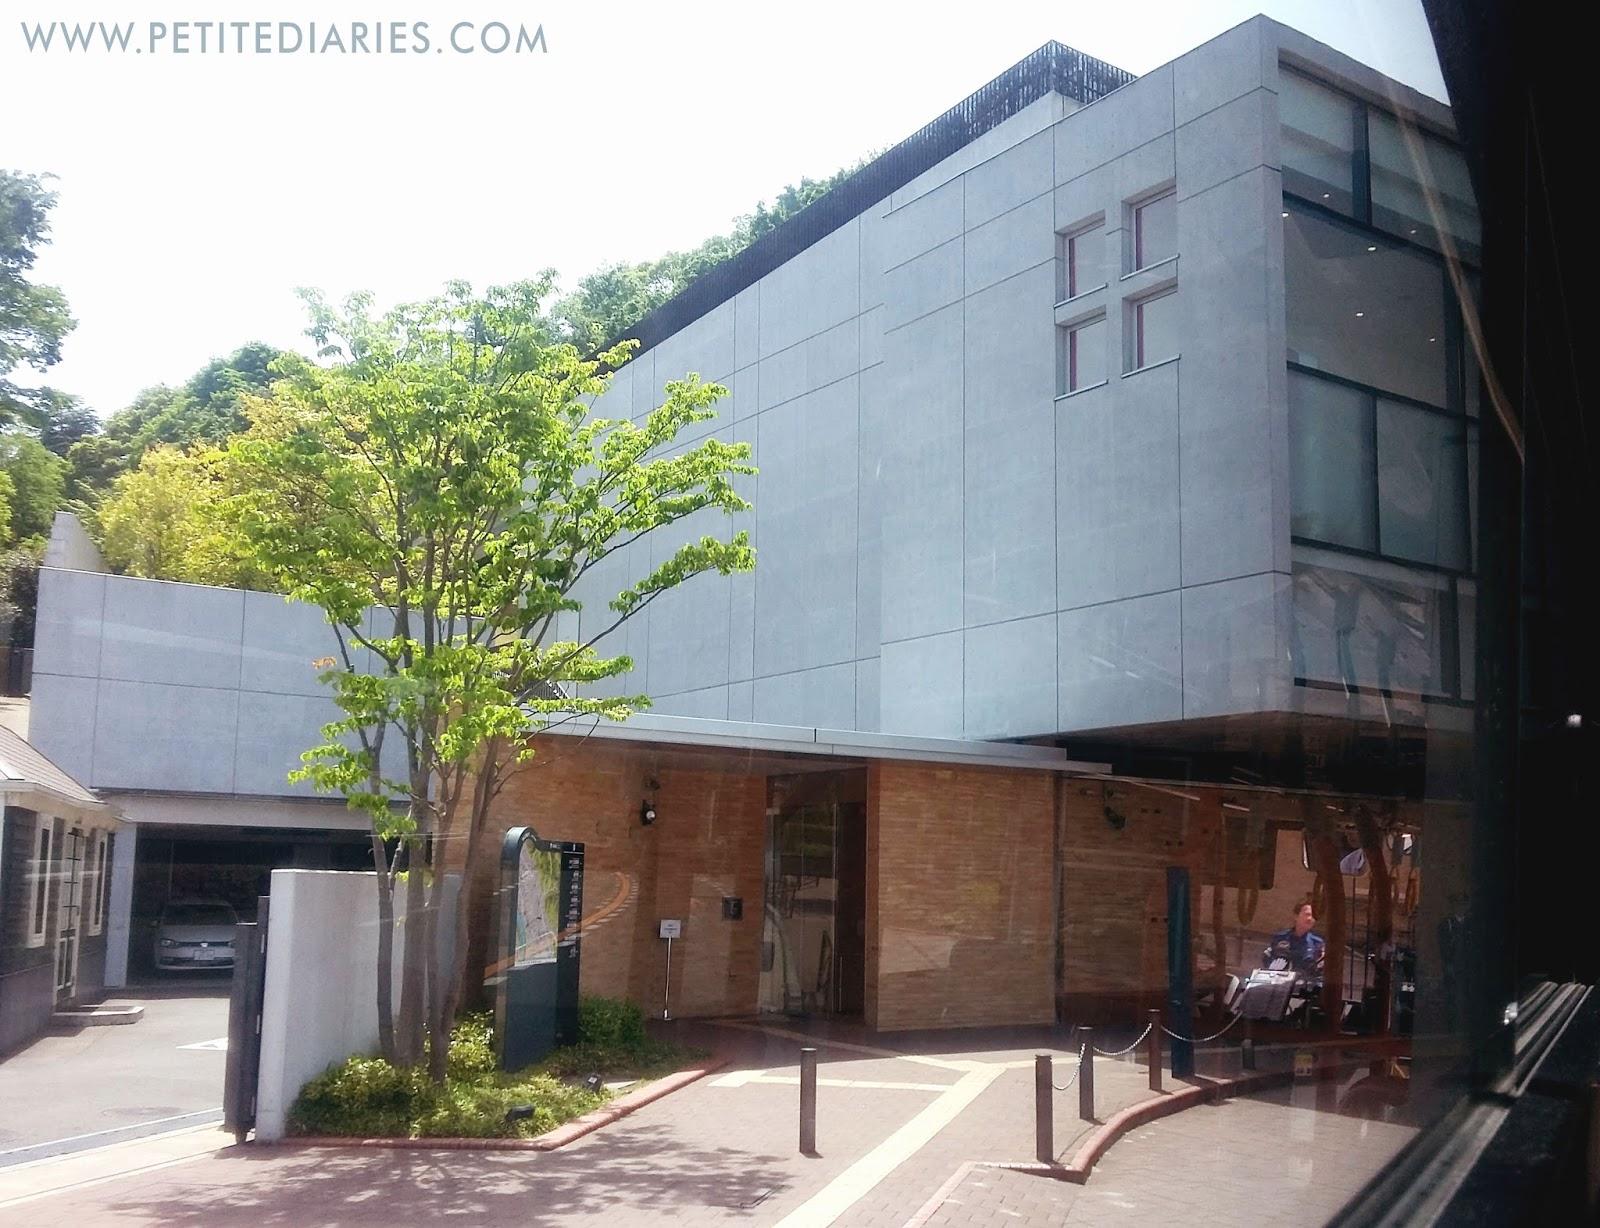 visit doraemon fujiko fujio museum kawasaki japan